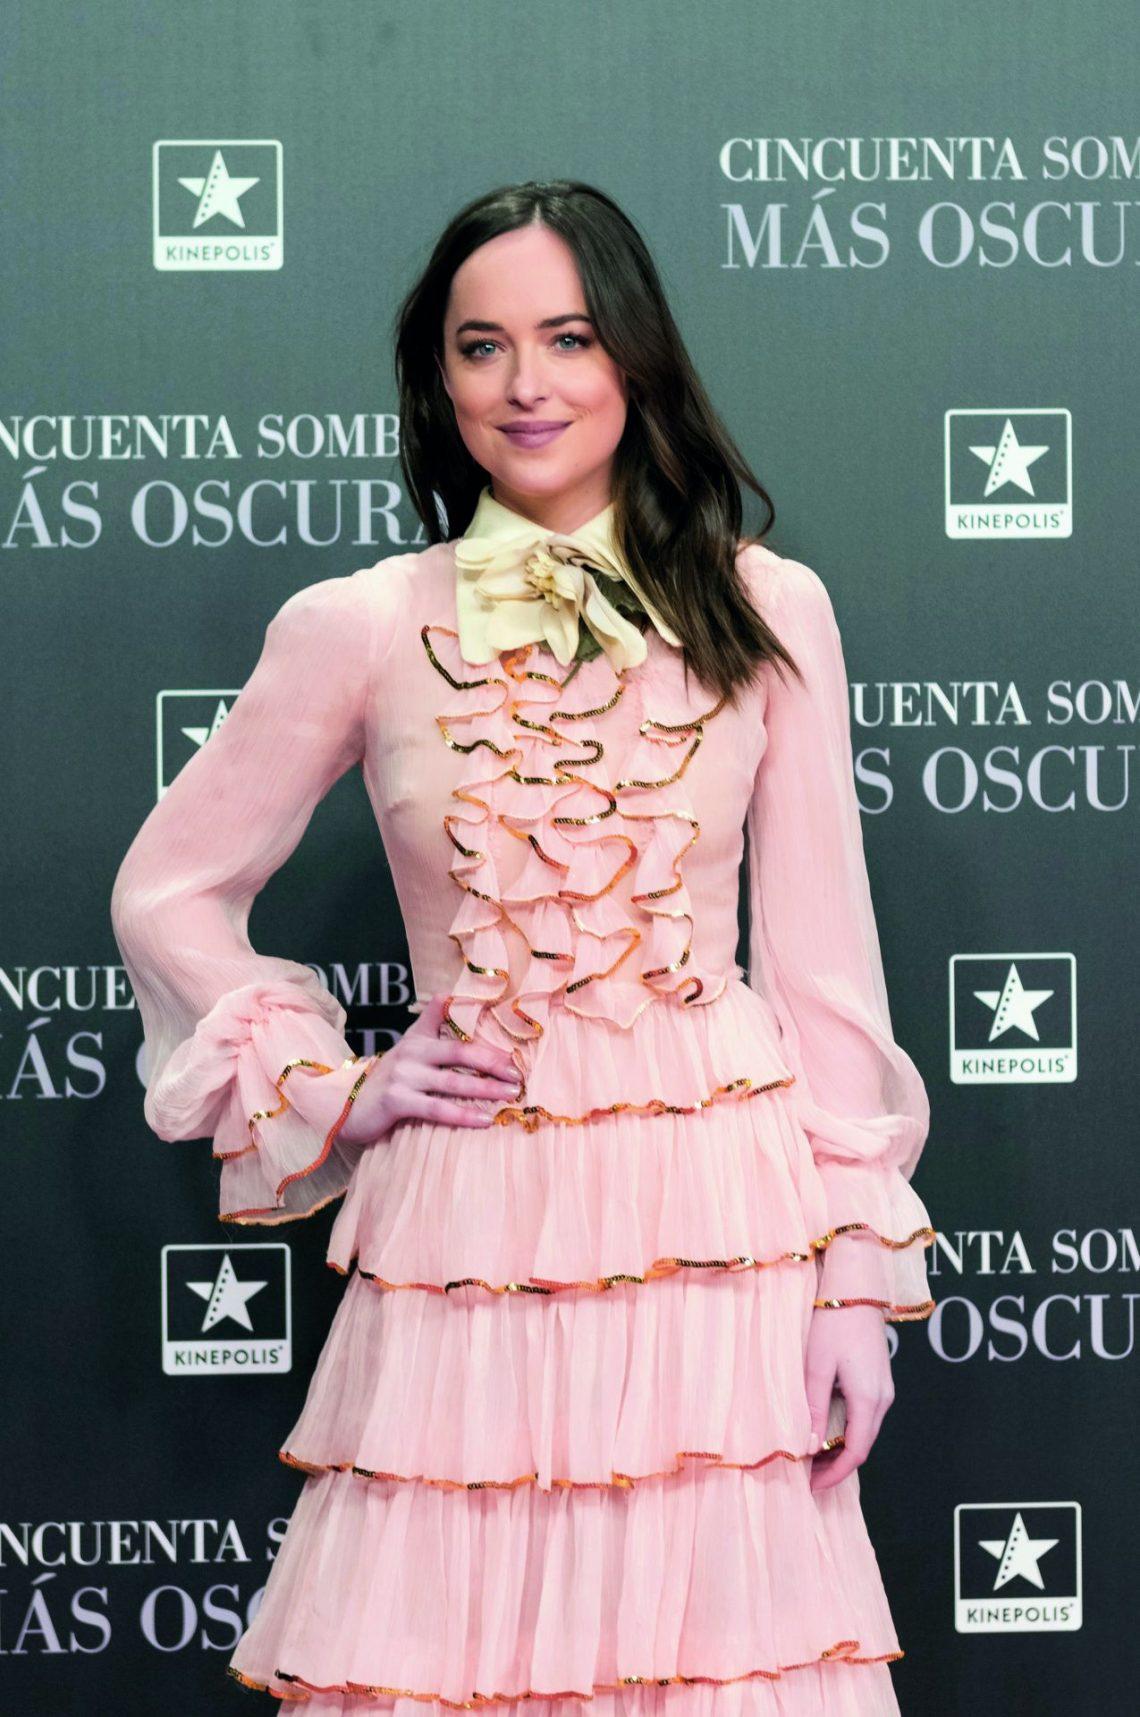 Dakota Johnson en la premiere de 50 Sombras - Living Backstage Moda